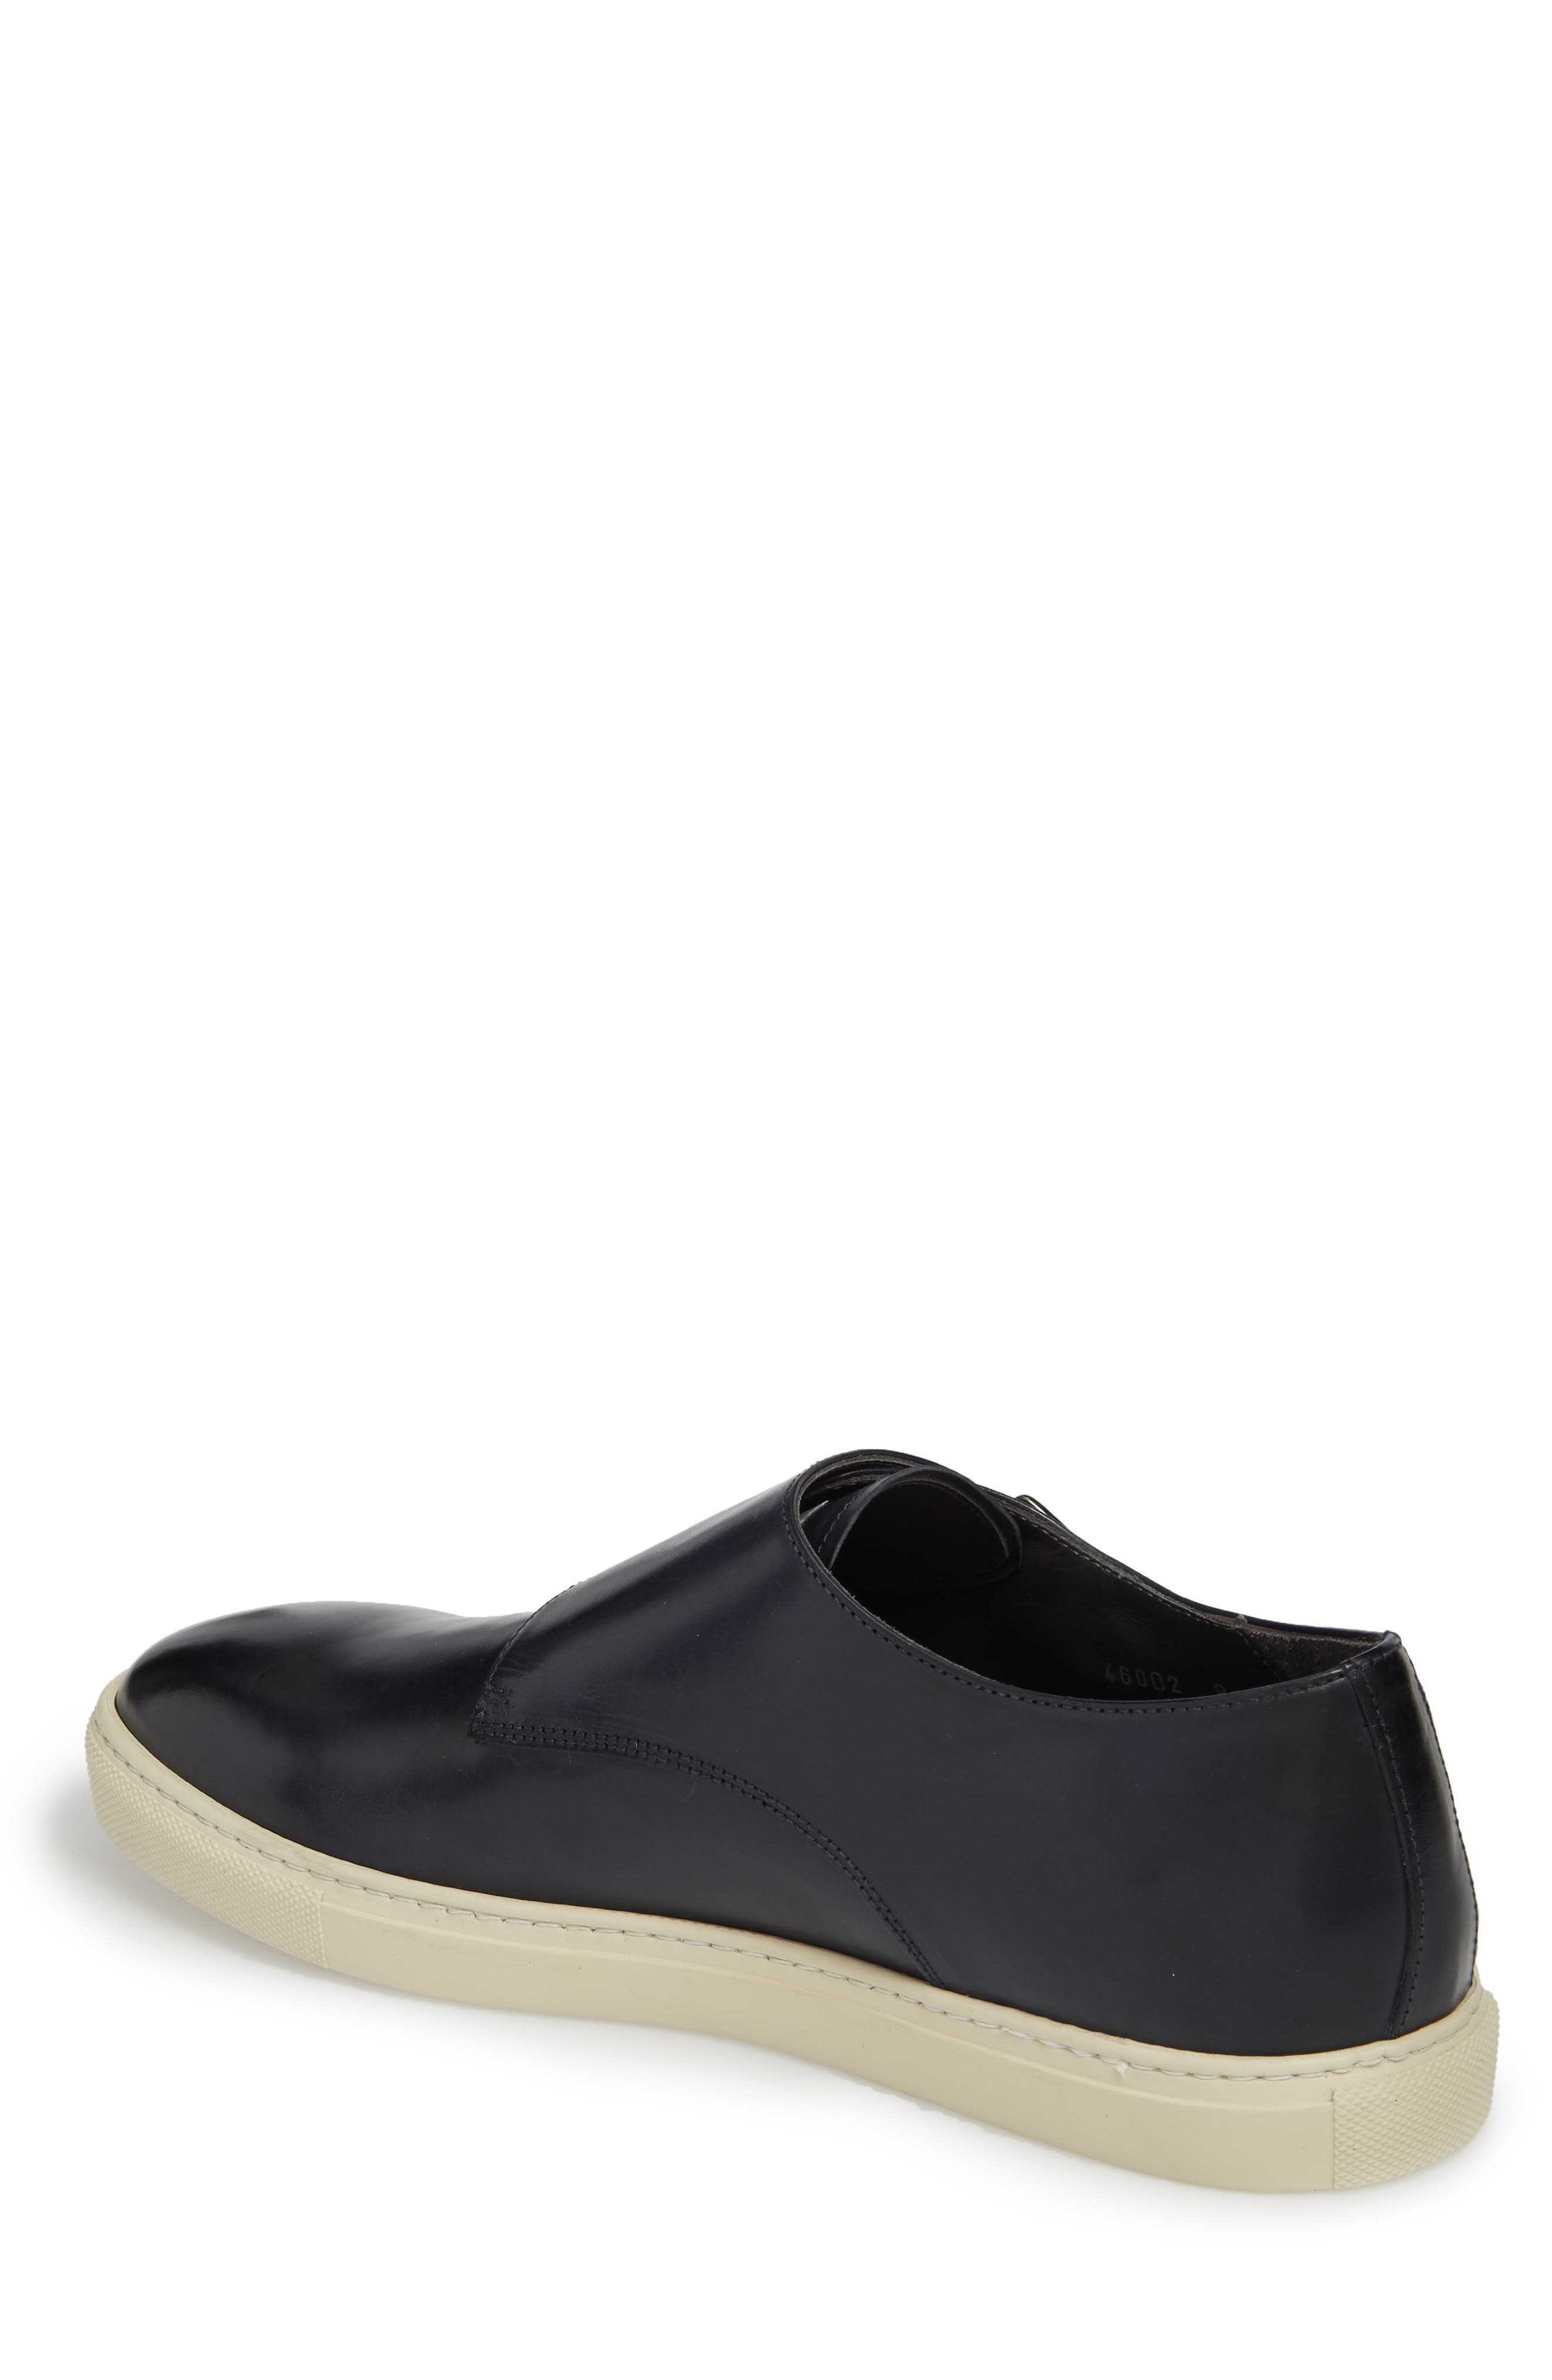 Alternate Image 2  - To Boot New York Gildden Double Monk Strap Sneaker (Men)